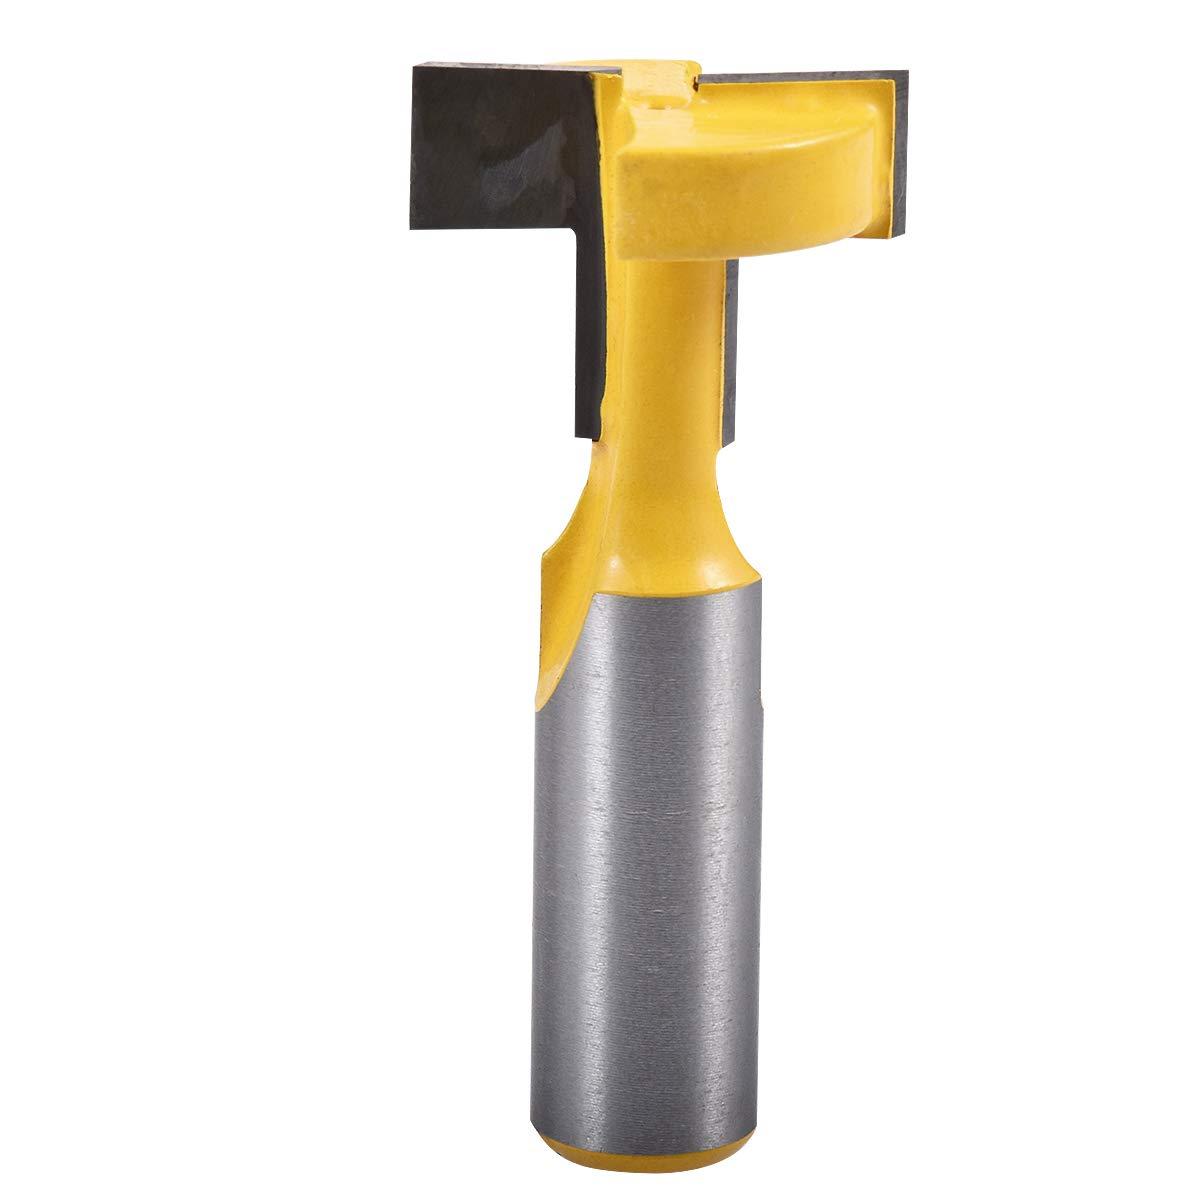 Broca de corte KATUR con ranura en T y gu/ía en T v/ástago de 1//2, ancho de 1.05 broca de ranura con agujero de 1//2 pulgada para fresa de carburo para trabajar la madera